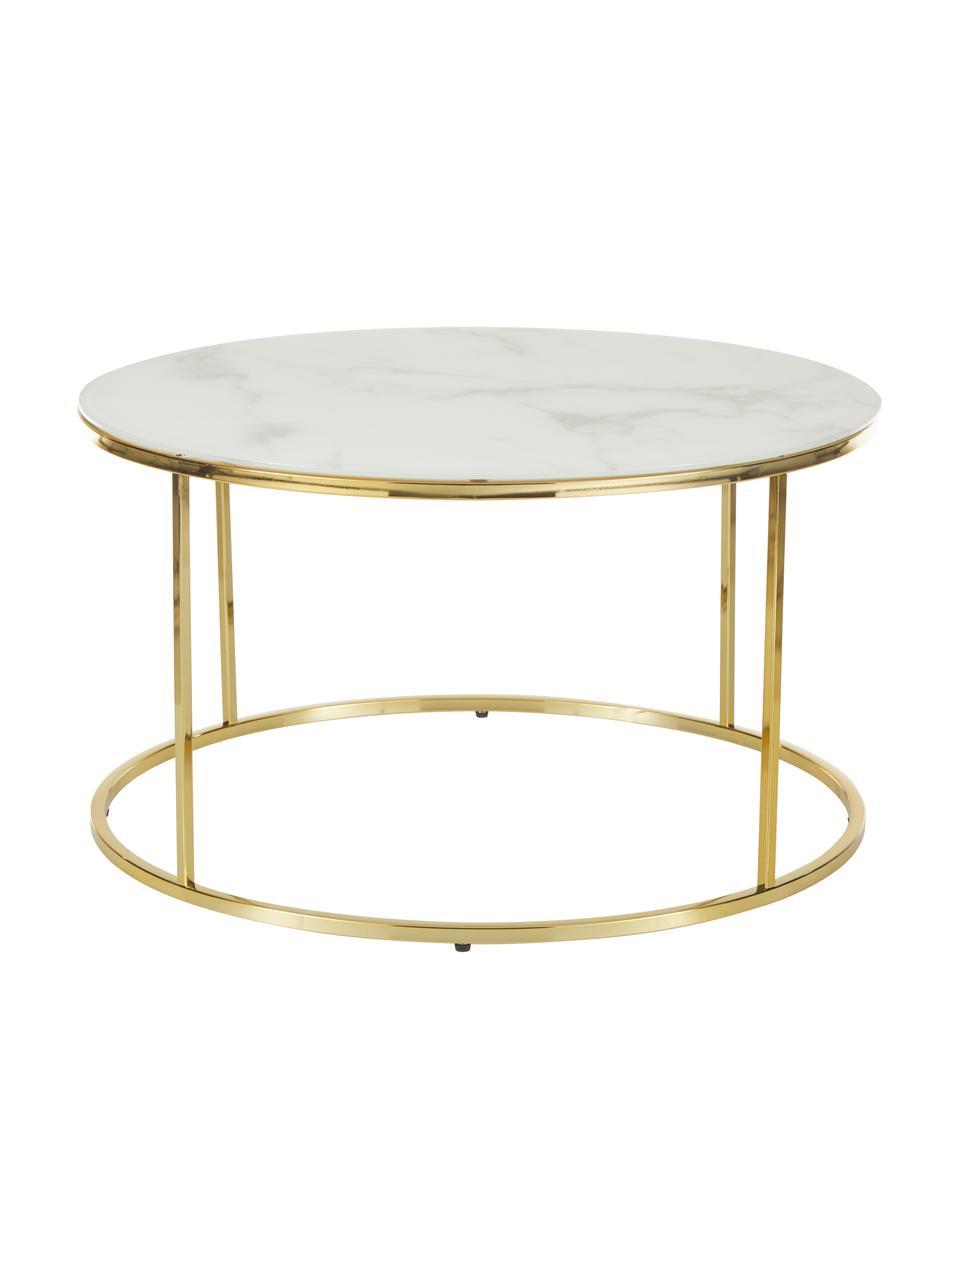 Table basse en verre marbré Antigua, Blanc-gris marbré, couleur dorée